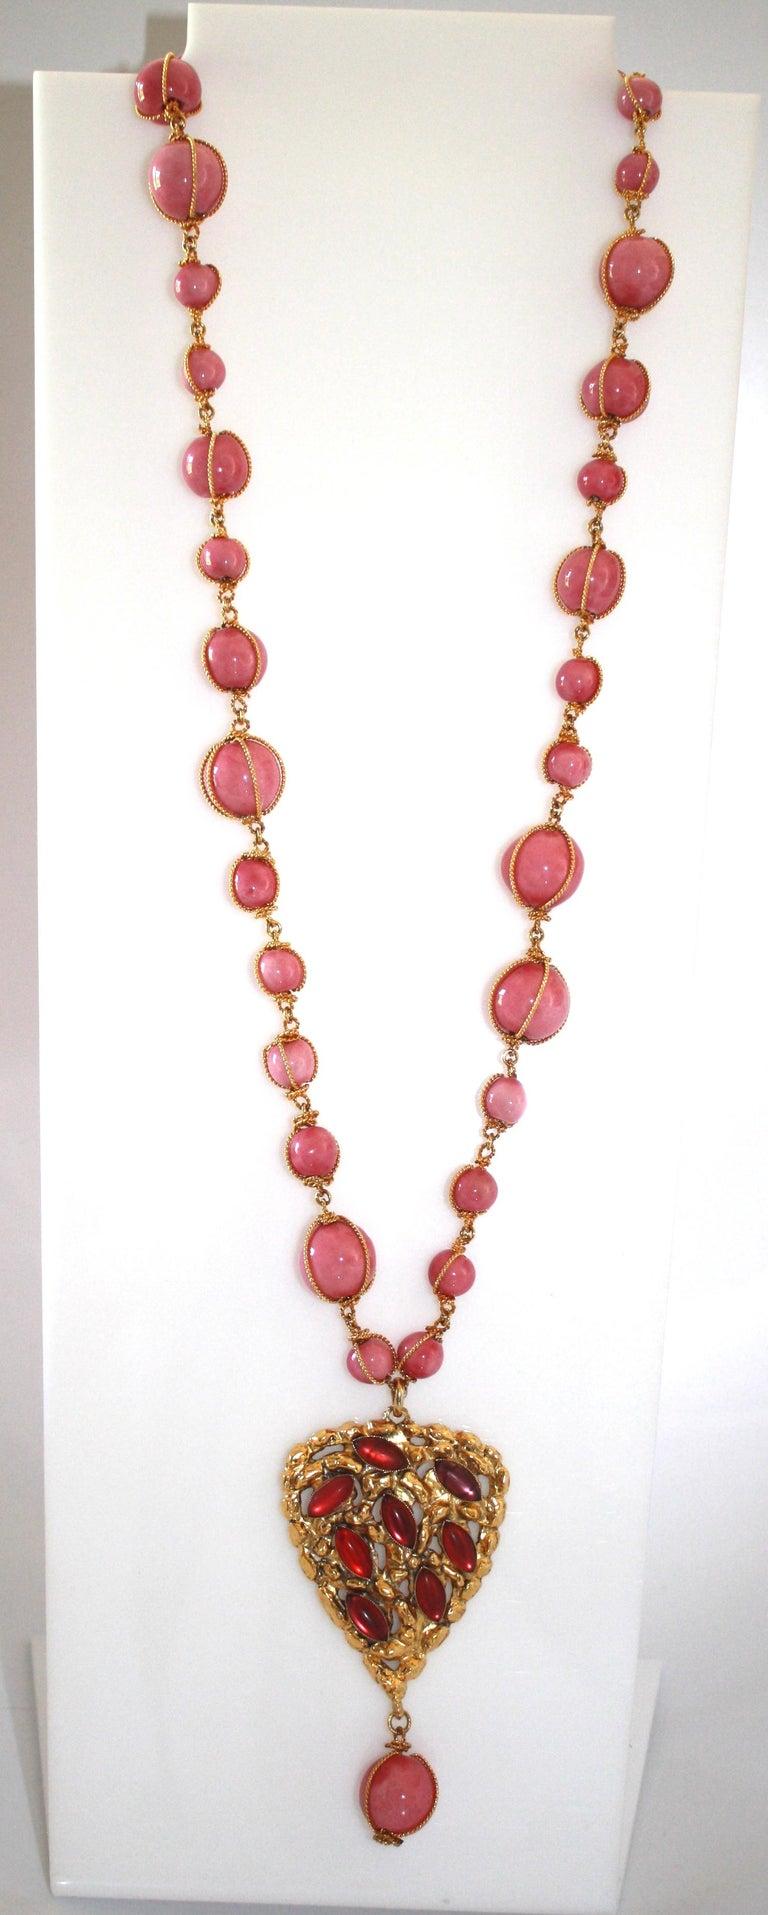 Women's Carole Saint Germes Ceramic and Pate de Verre Heart Sautoir Necklace For Sale